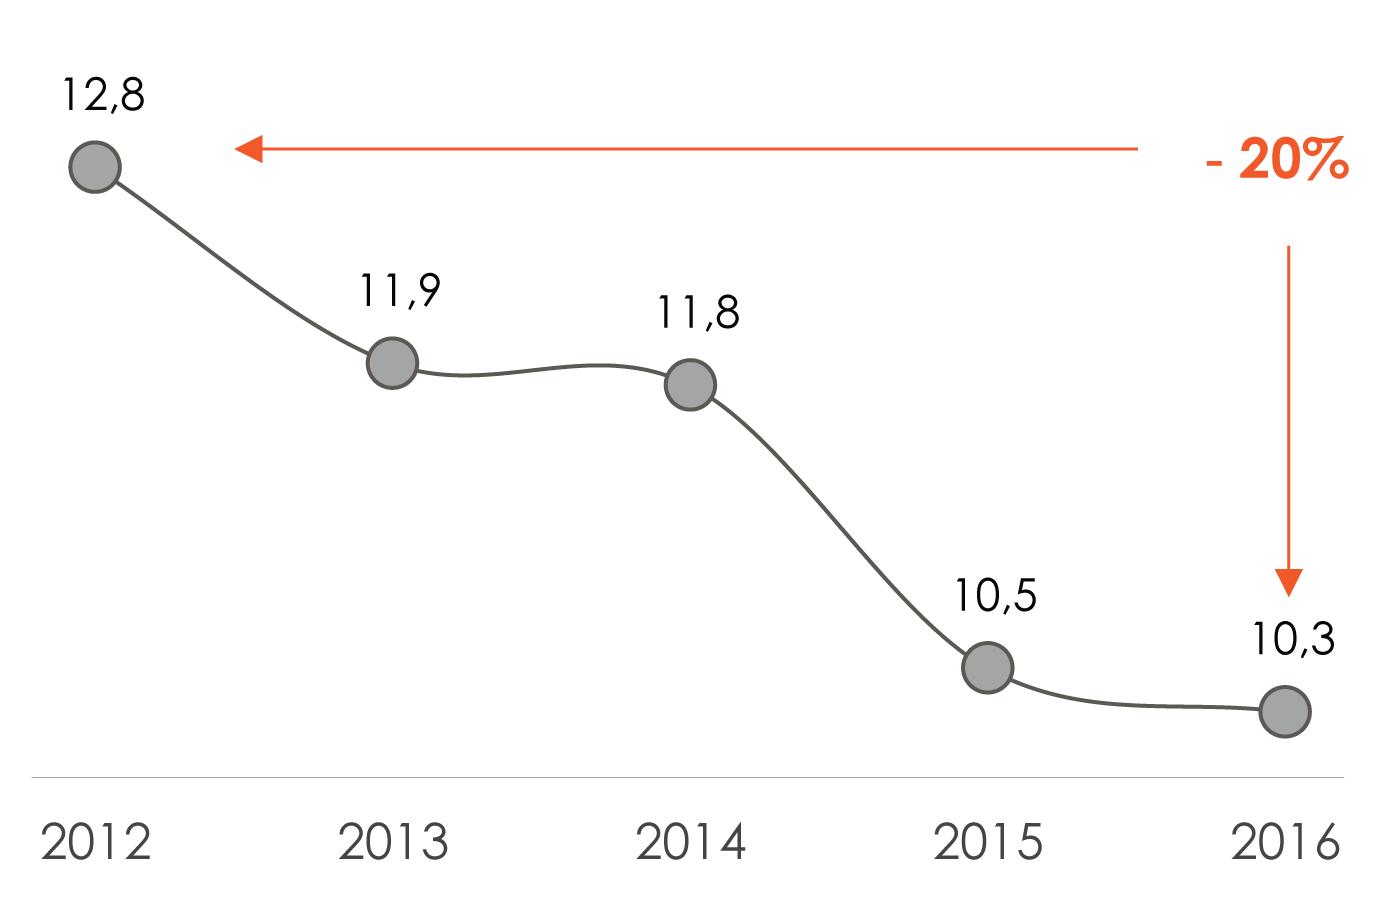 Производство алкоголя в пересчете начистый спирт на душу населения, л/год